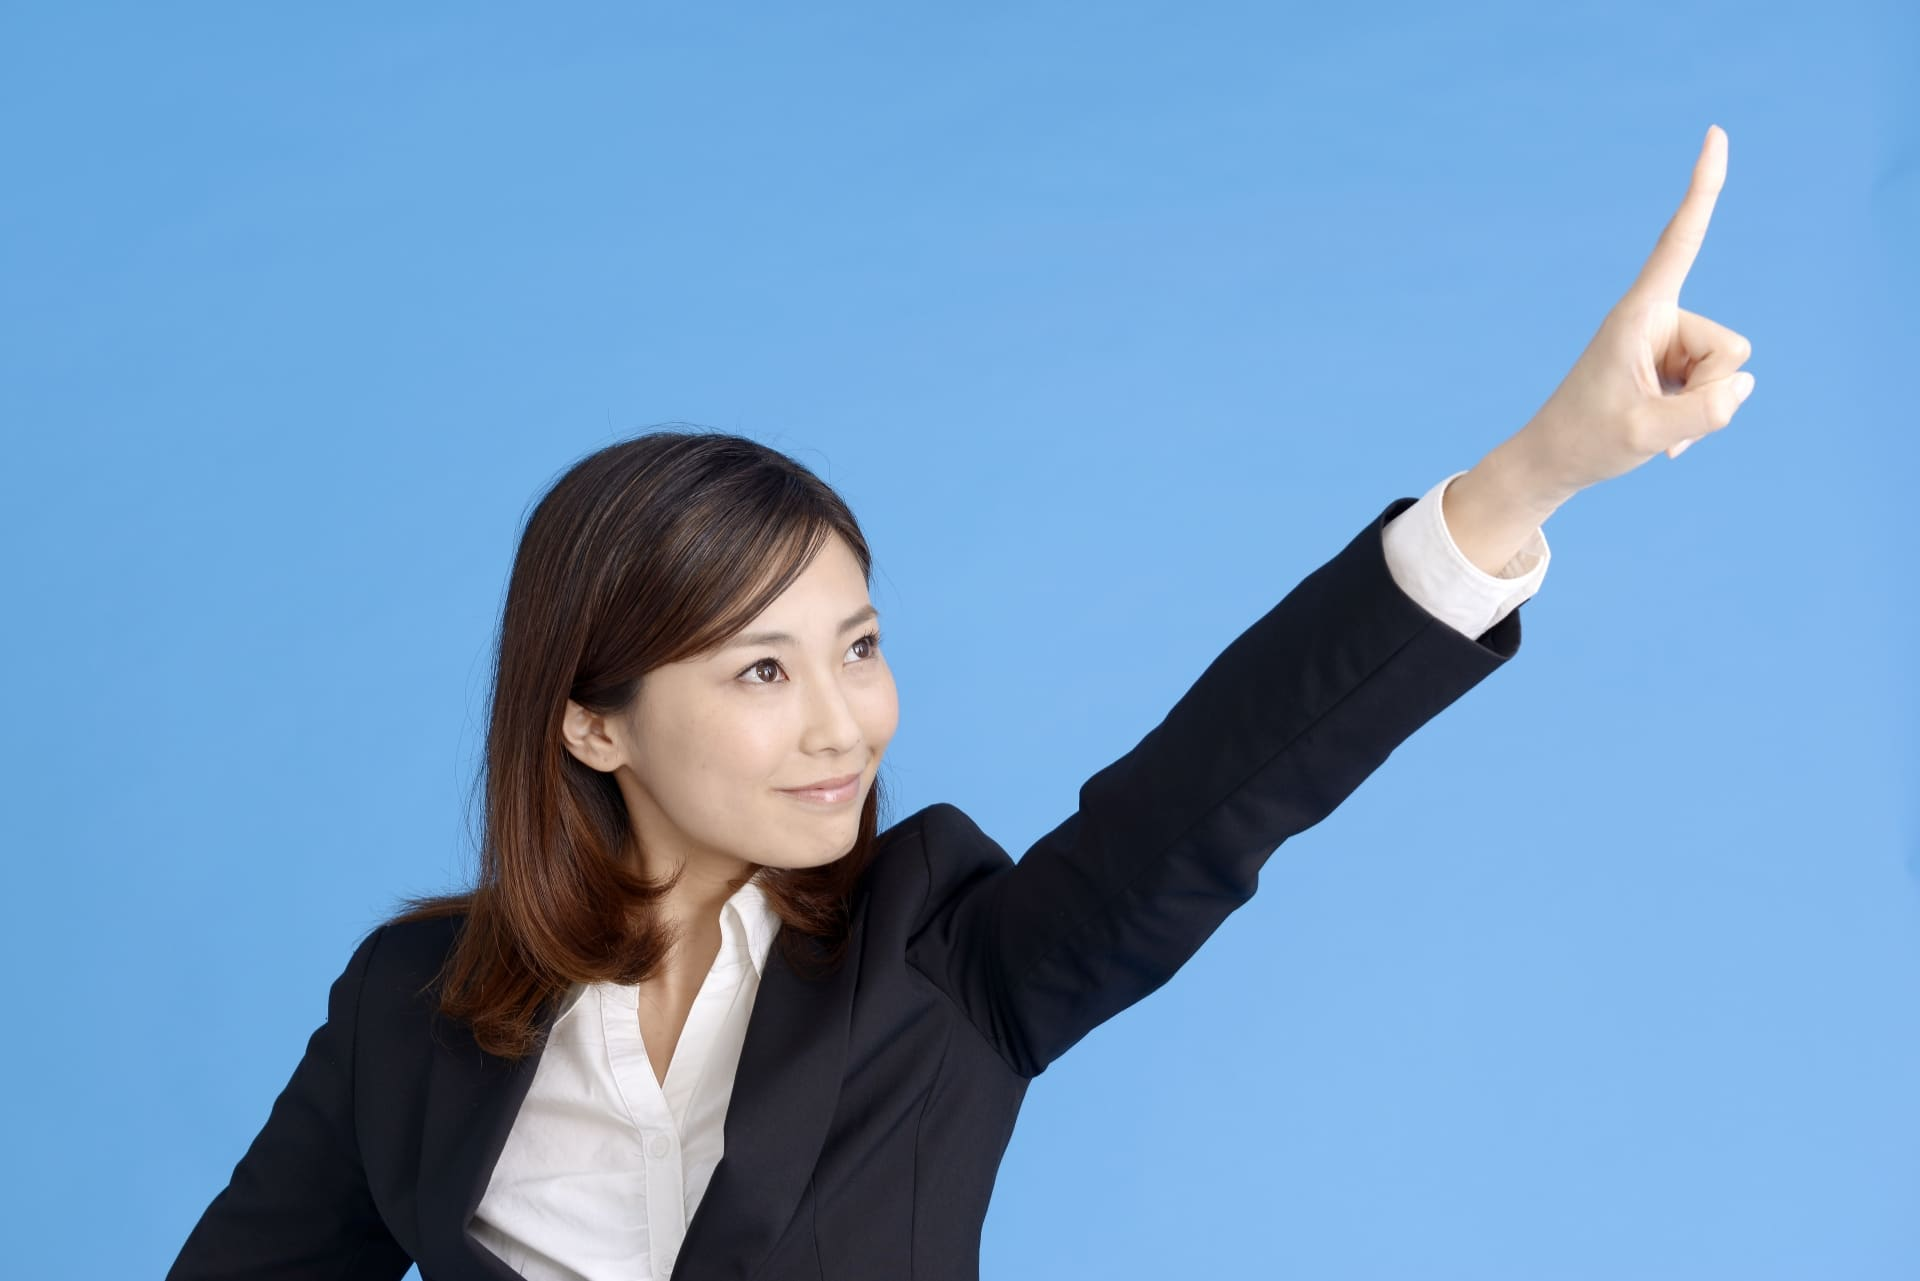 目標に向かって進む女性